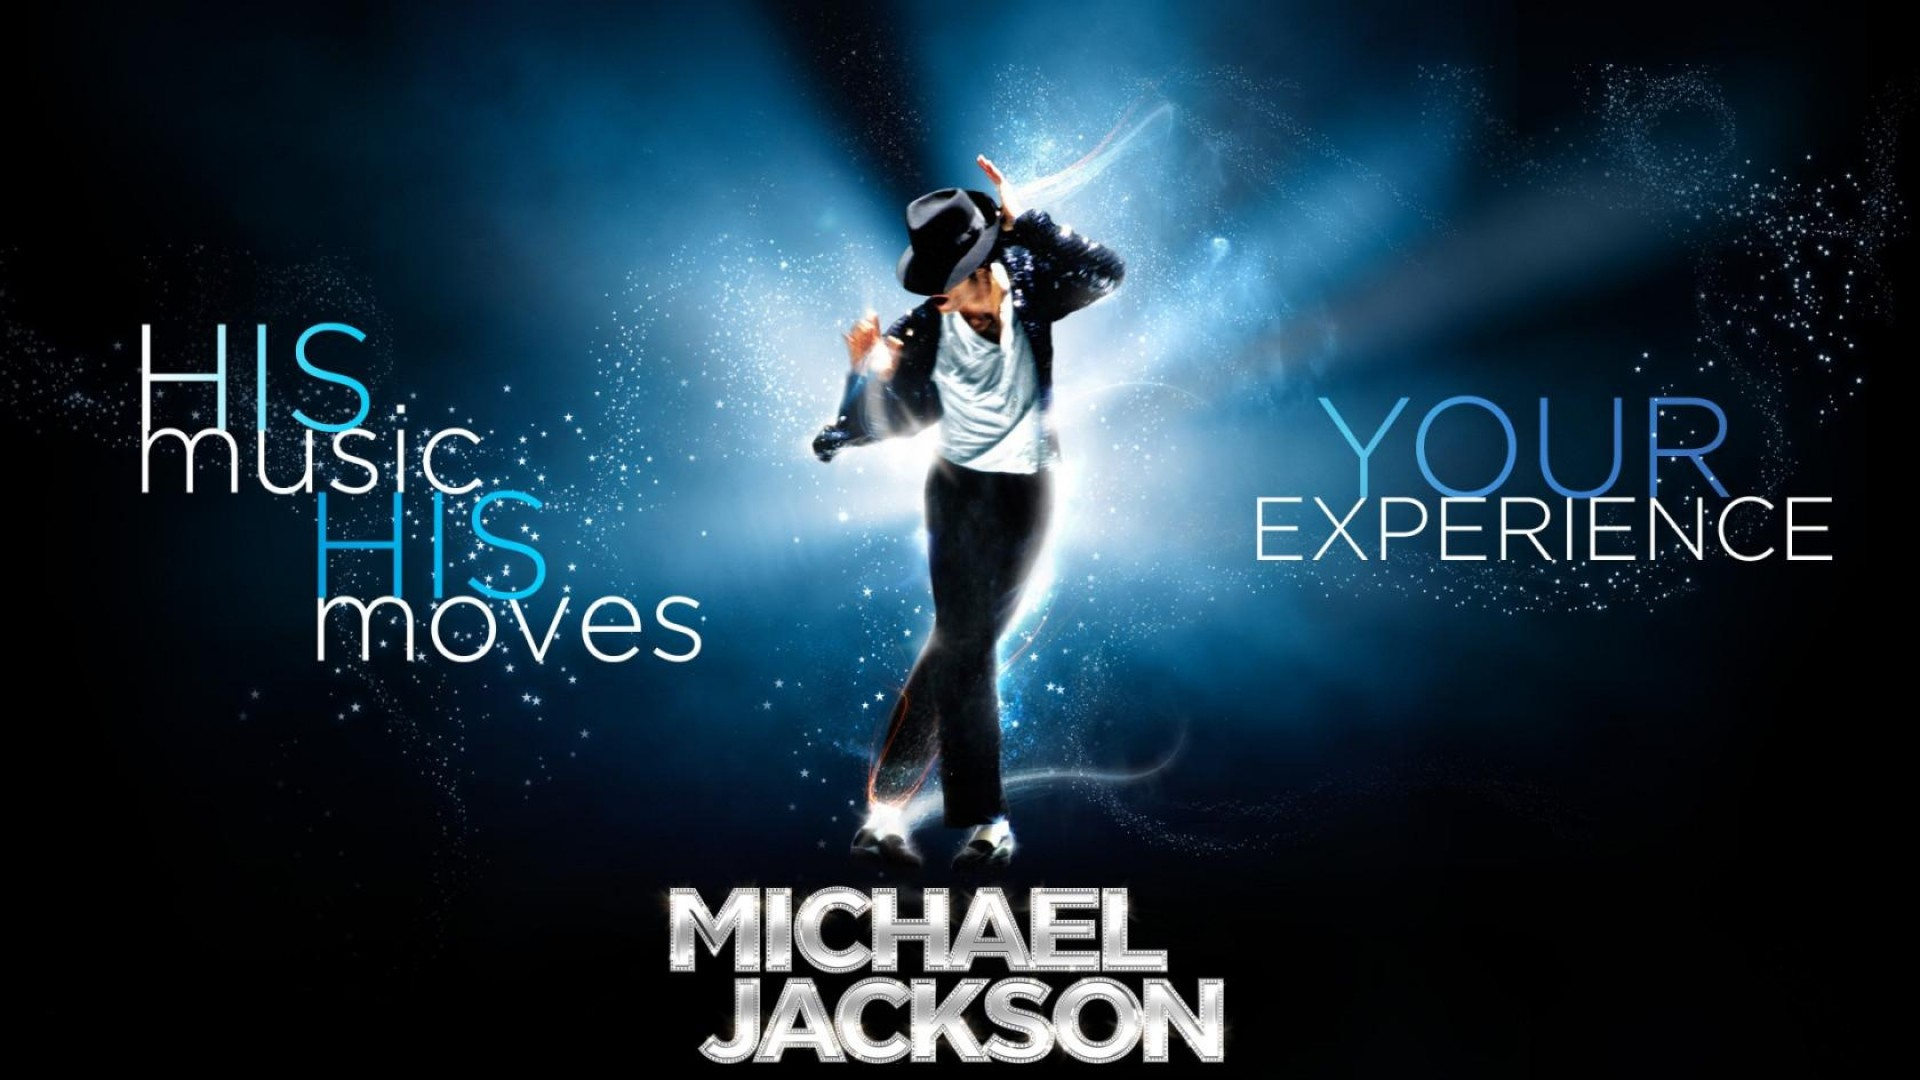 Michael Jackson Desktop Wallpaper Posted By Zoey Walker